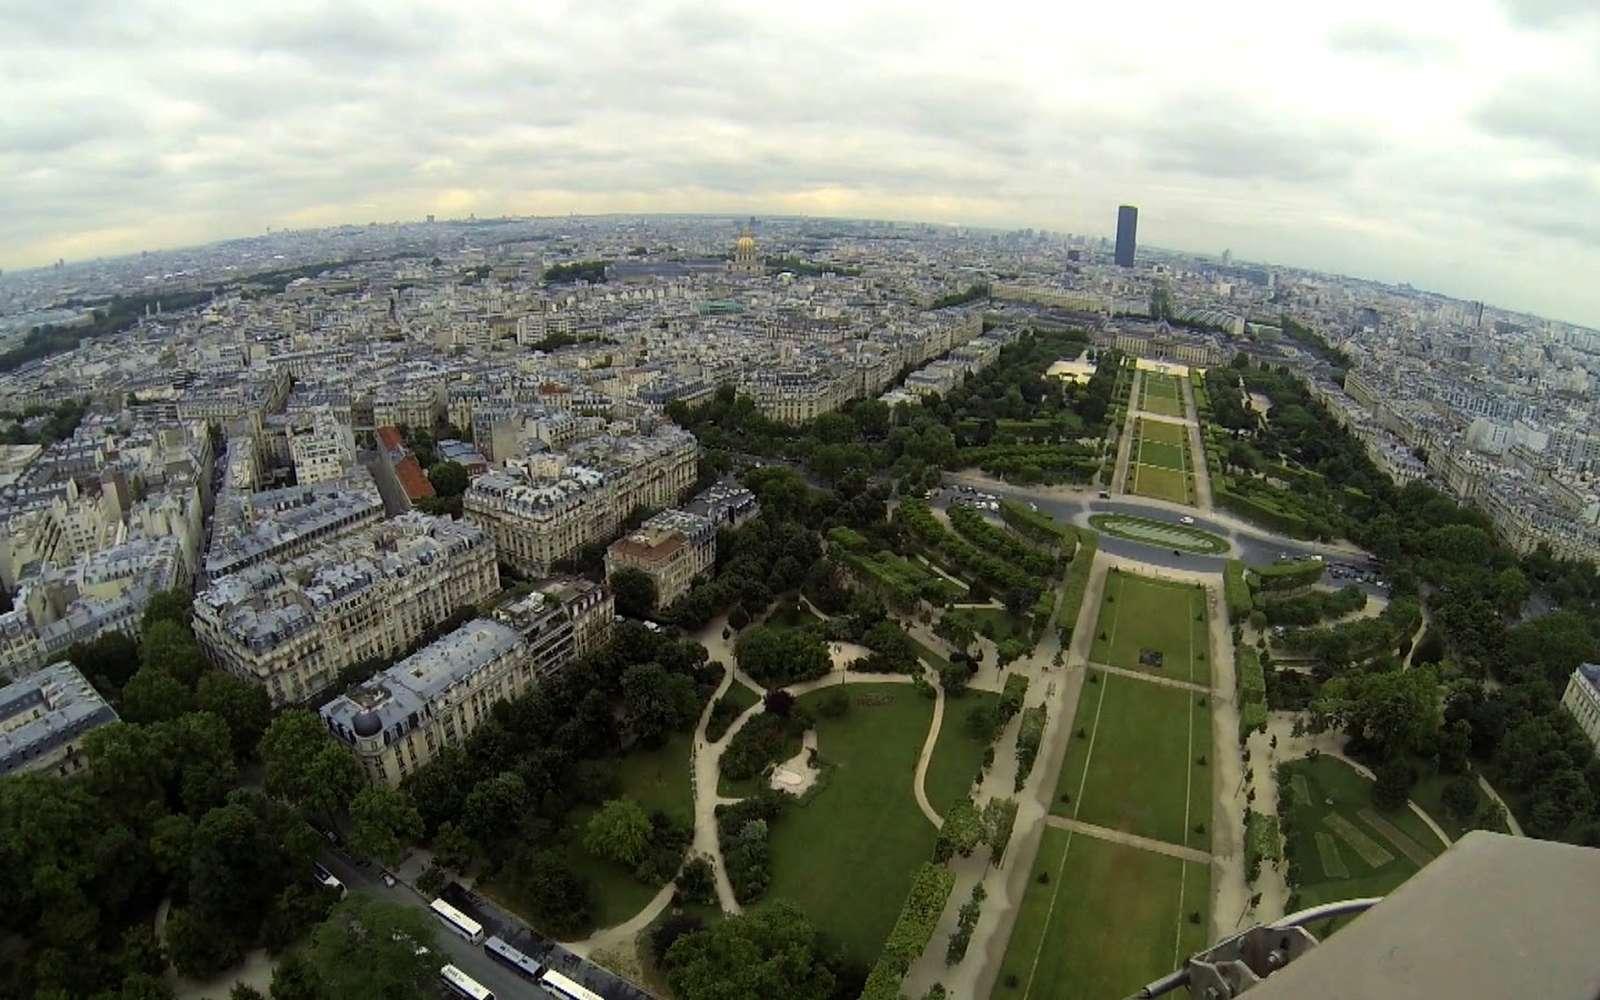 Il a fallu deux ans, deux mois et cinq jours pour construire la tour Eiffel, un monument haut de 324 m. Le public ne peut pas monter à plus de 279 m. © Google